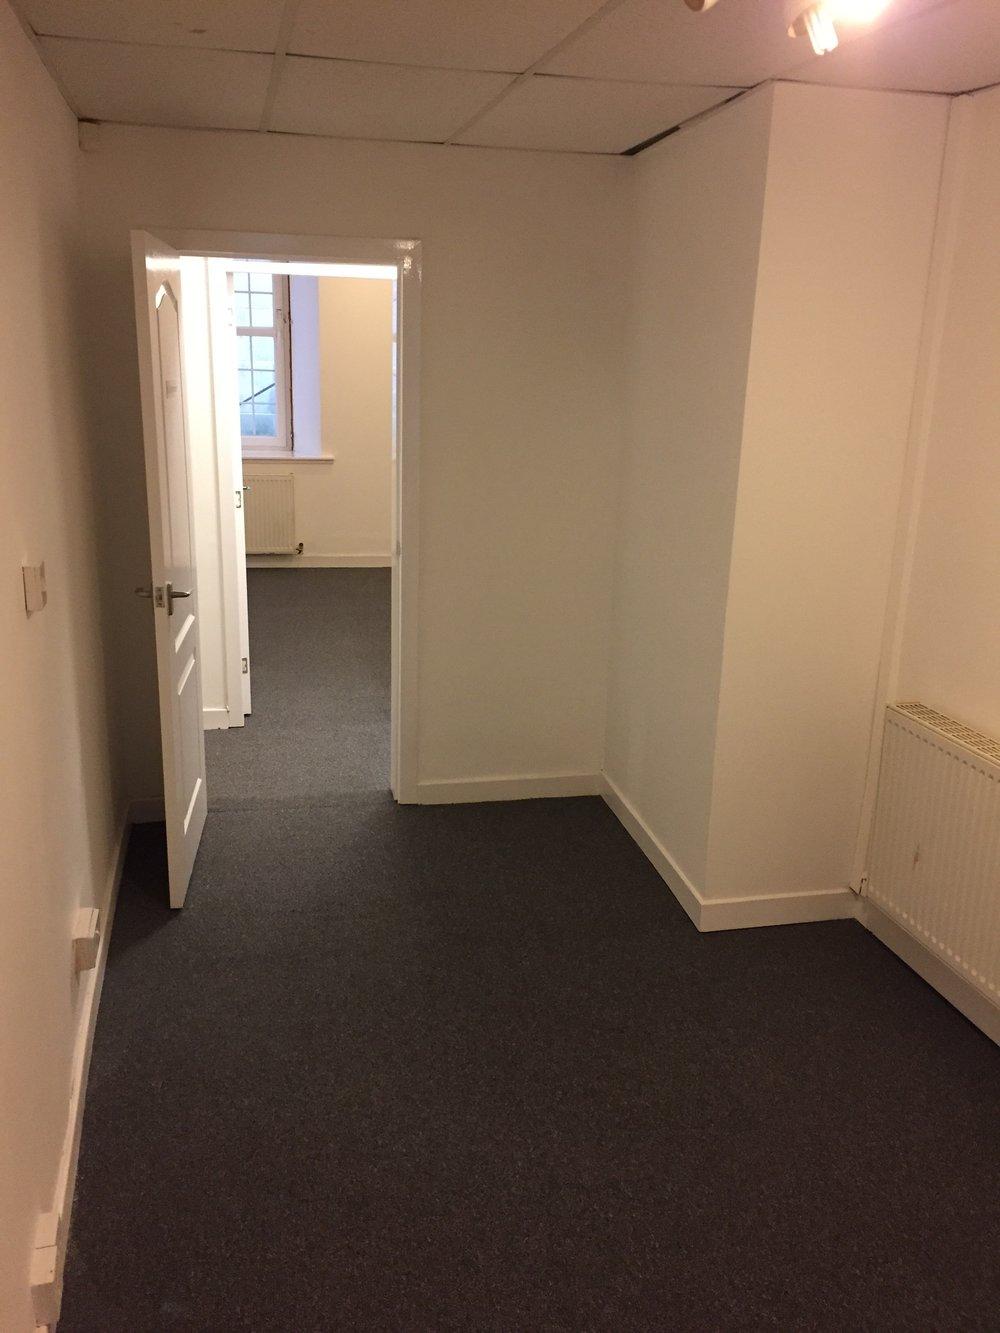 small room 2.jpeg